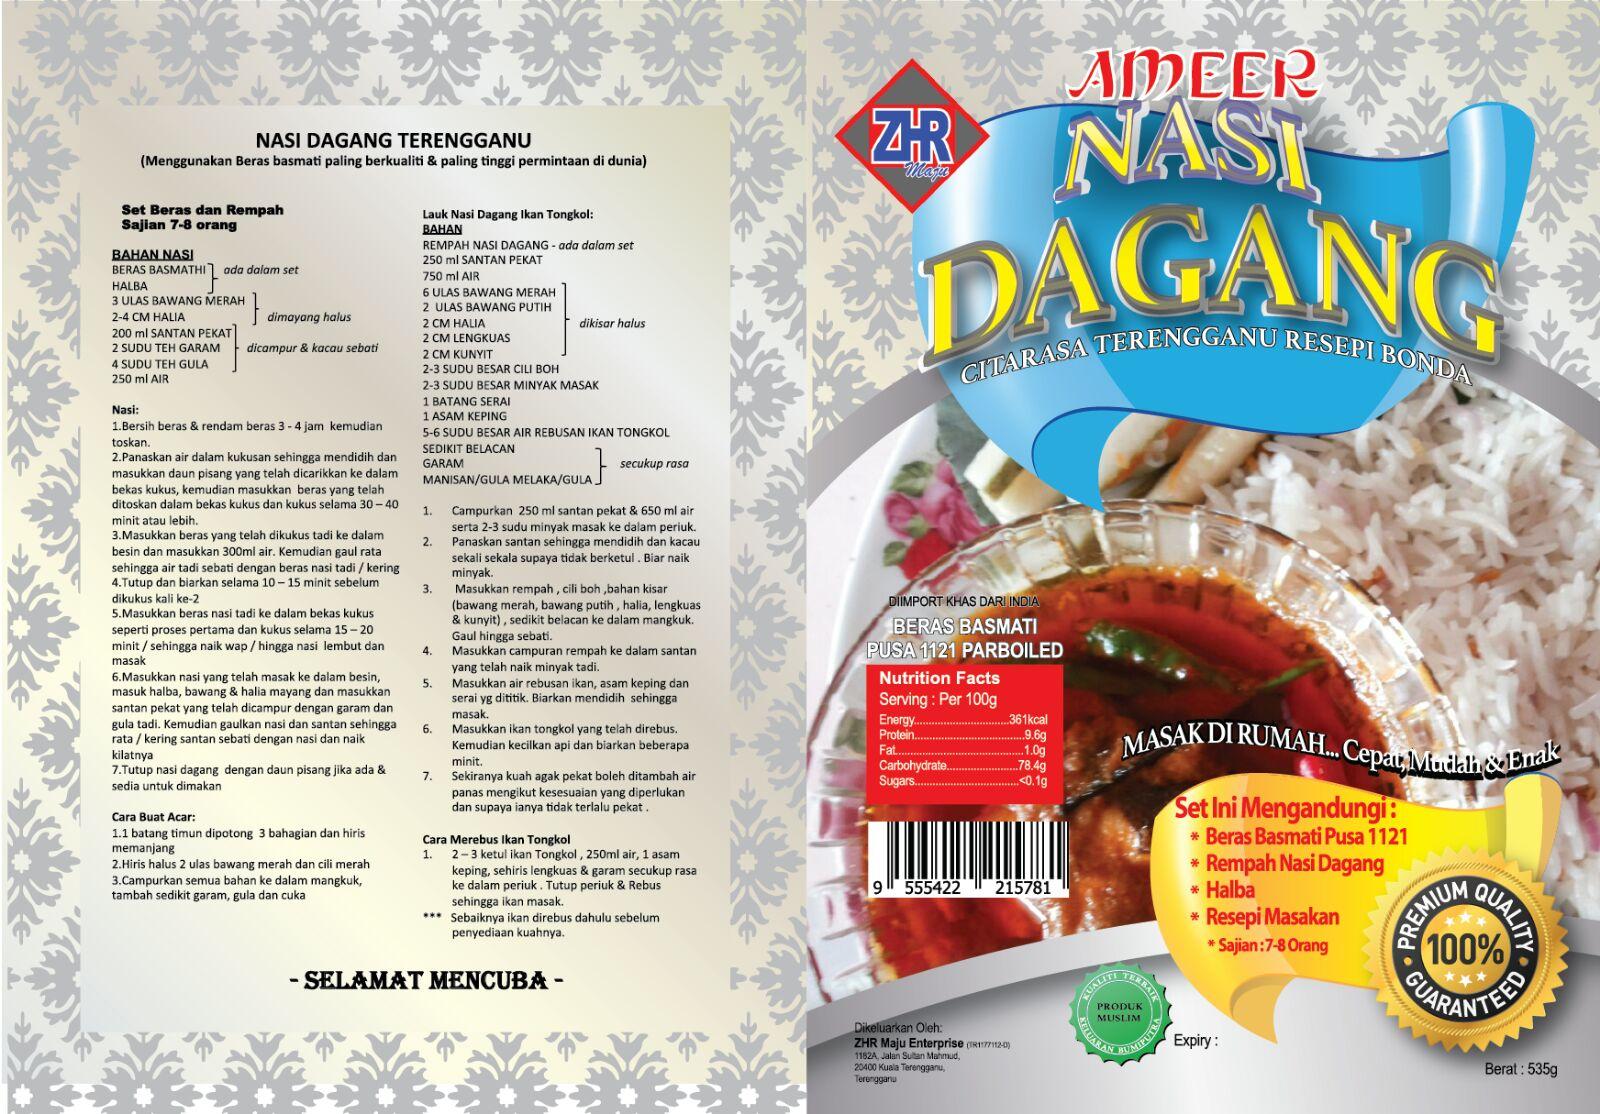 aneka resepi masakan  menyelerakan  jenis produk ameer zhr Resepi Nasi Beriani Arab Enak dan Mudah